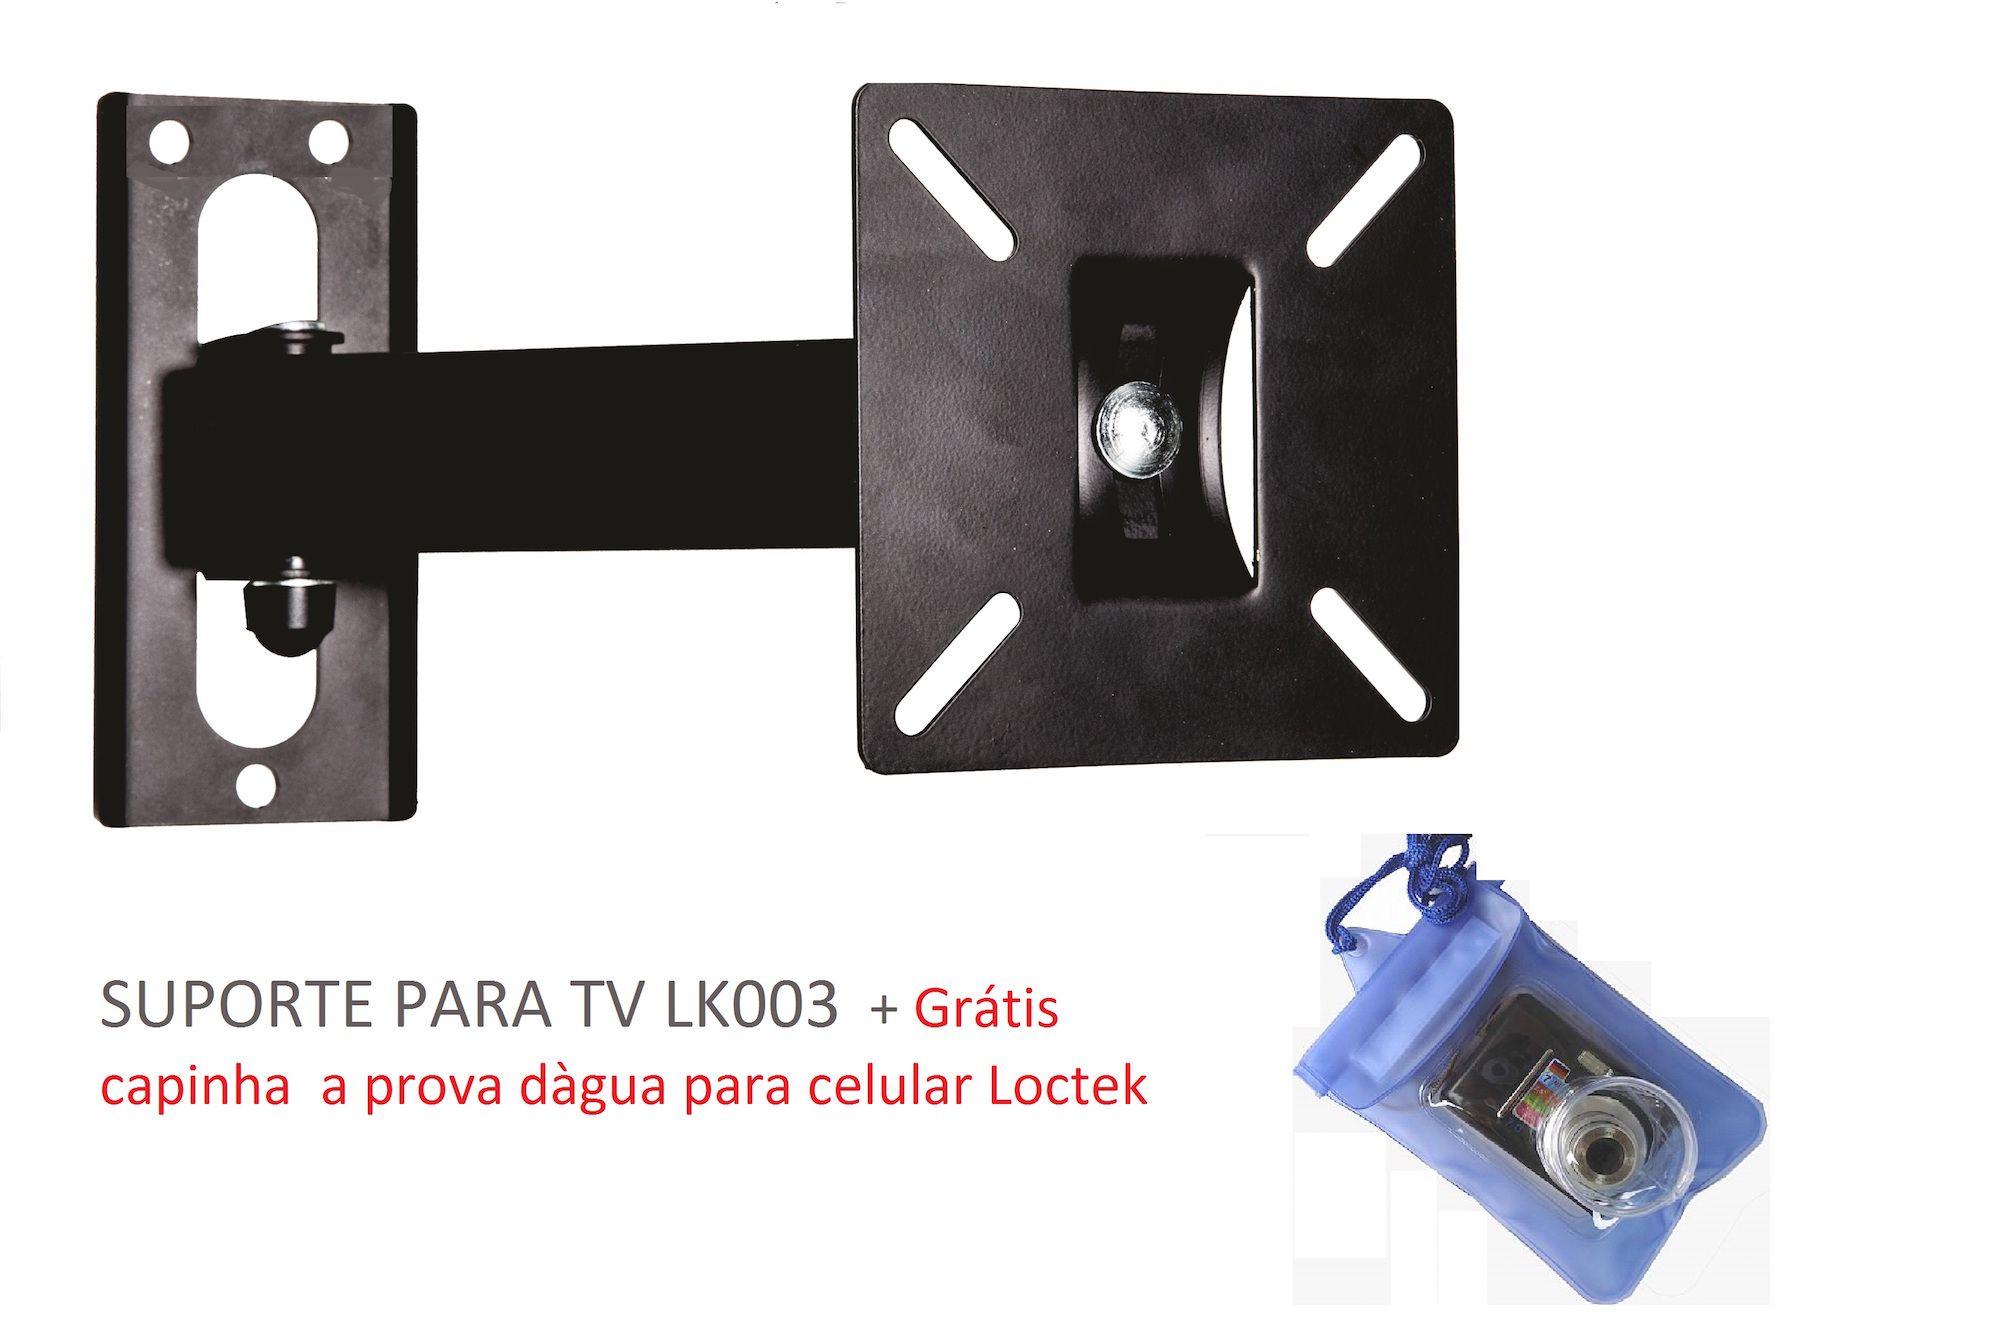 SUPORTE ARTICULADO PARA TVS DE 10